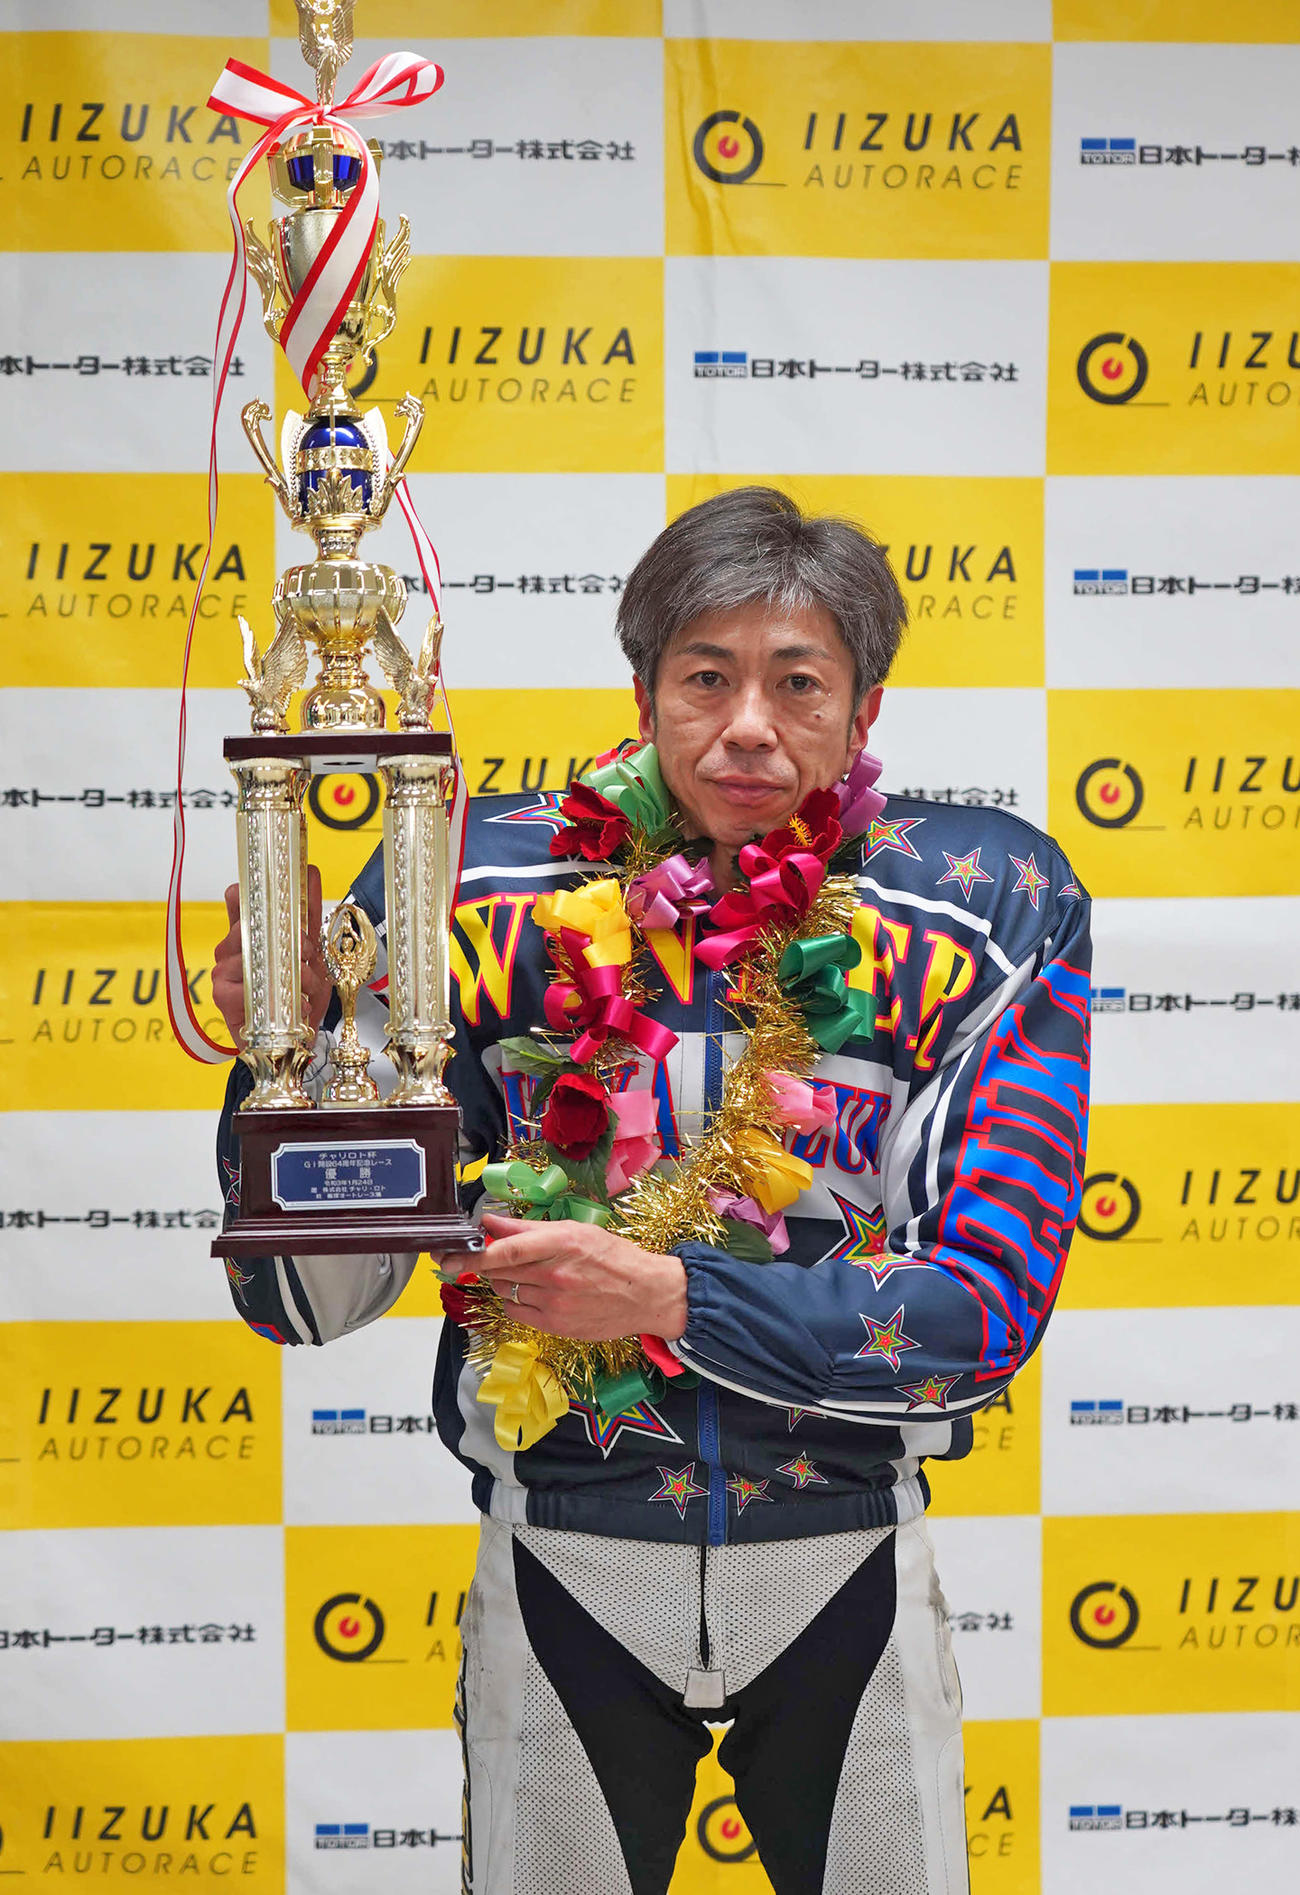 G1最多タイとなる28度目のVを飾り、優勝トロフィーを掲げる高橋貢(撮影・木村重成)